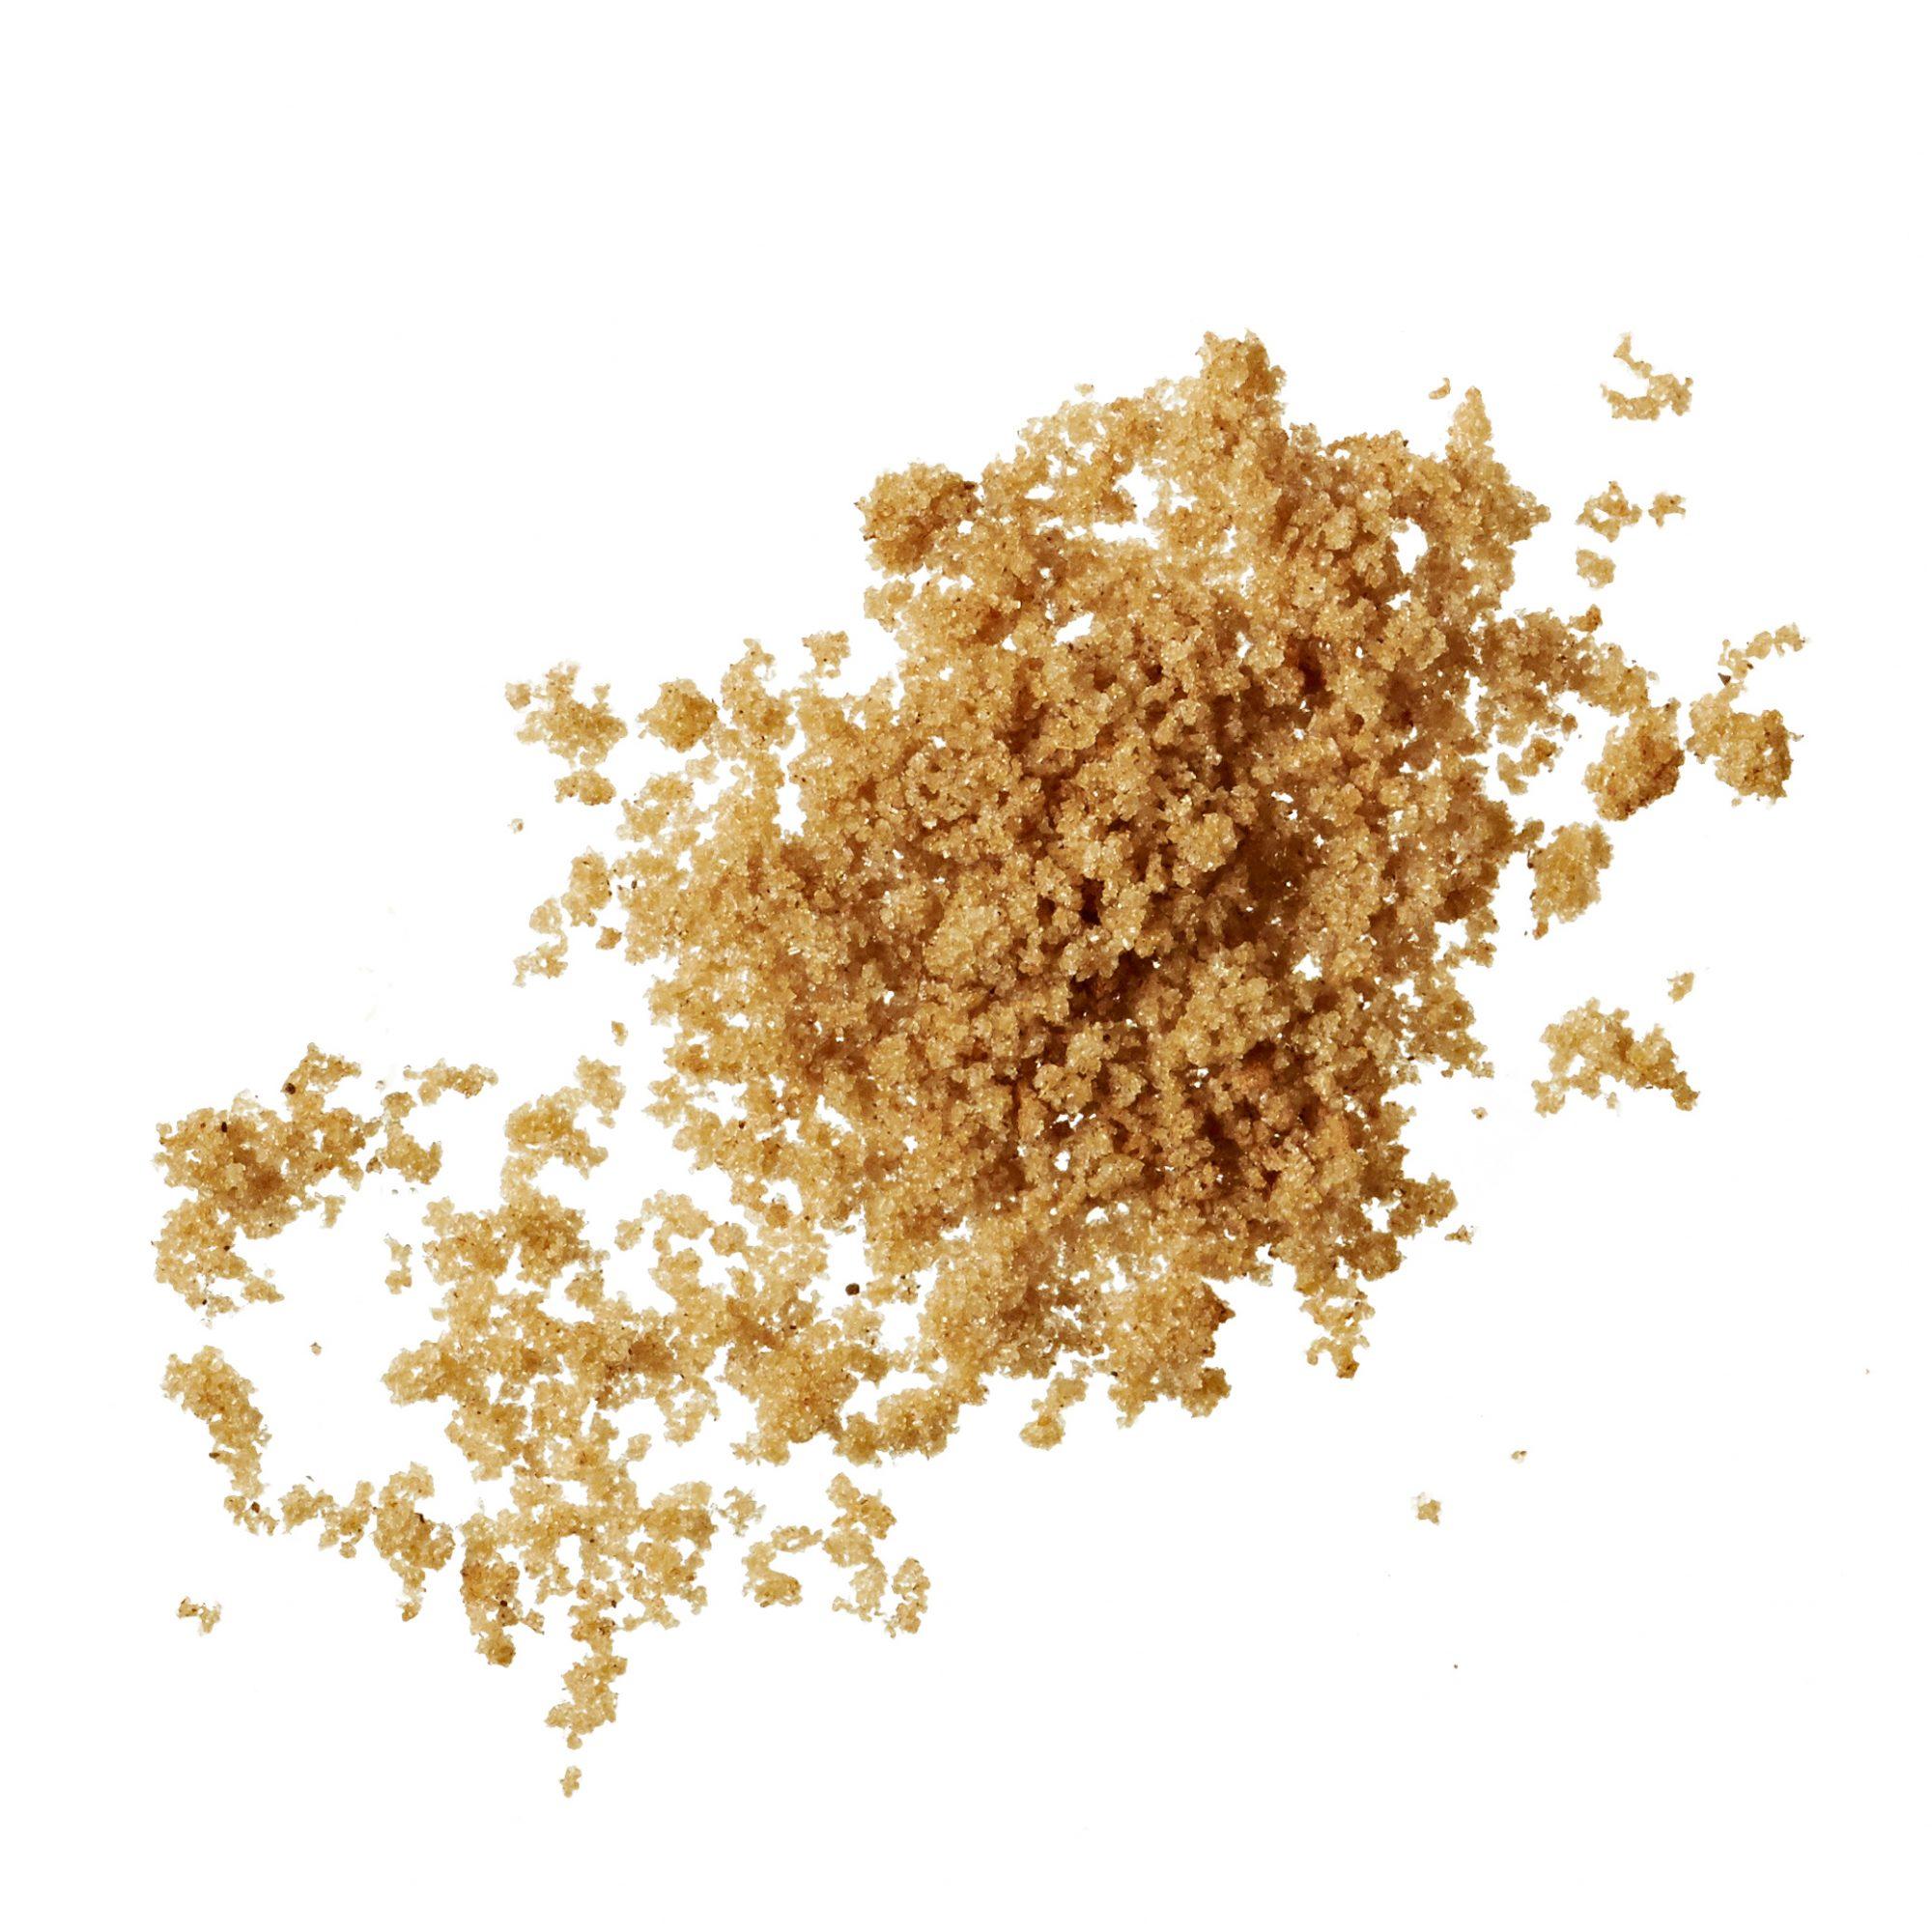 pumpkin spice-brown sugar rub